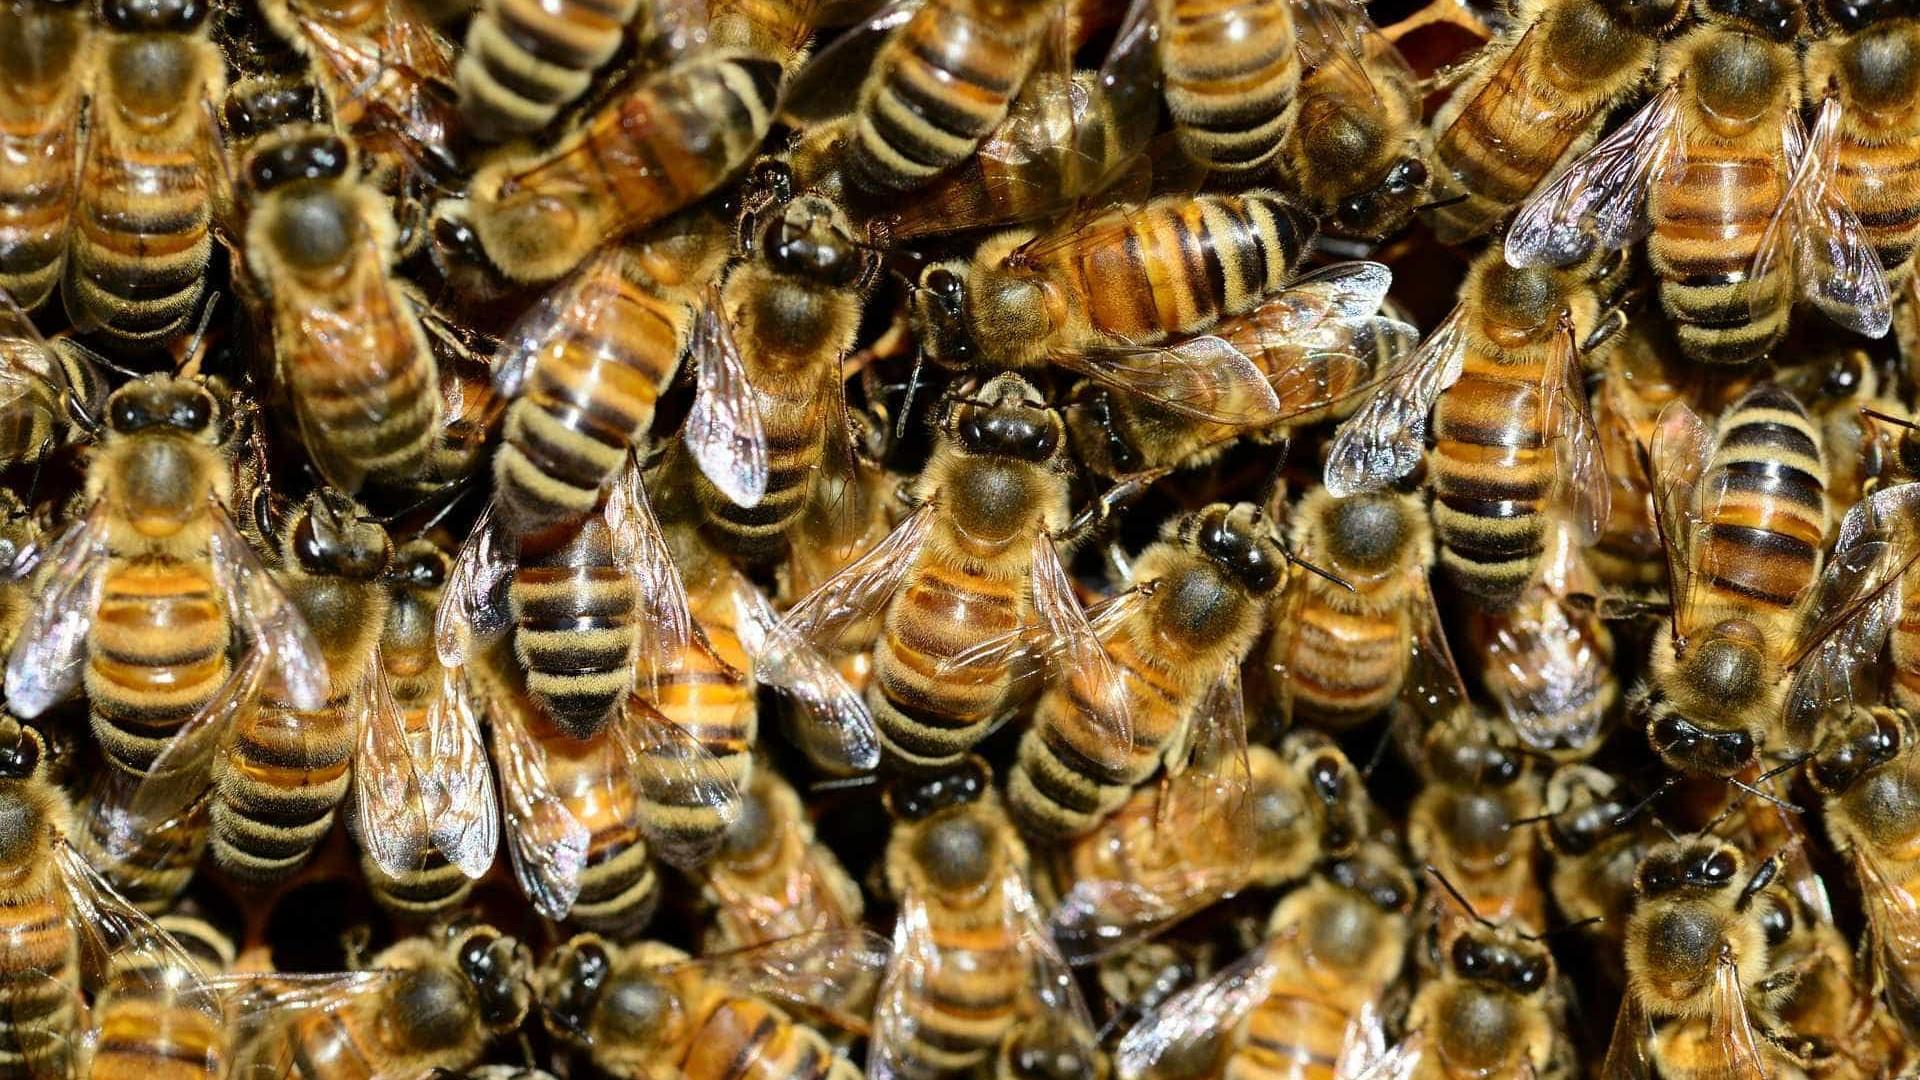 Morre homem que levou cerca de 500 picadas de abelhas para salvar o pai